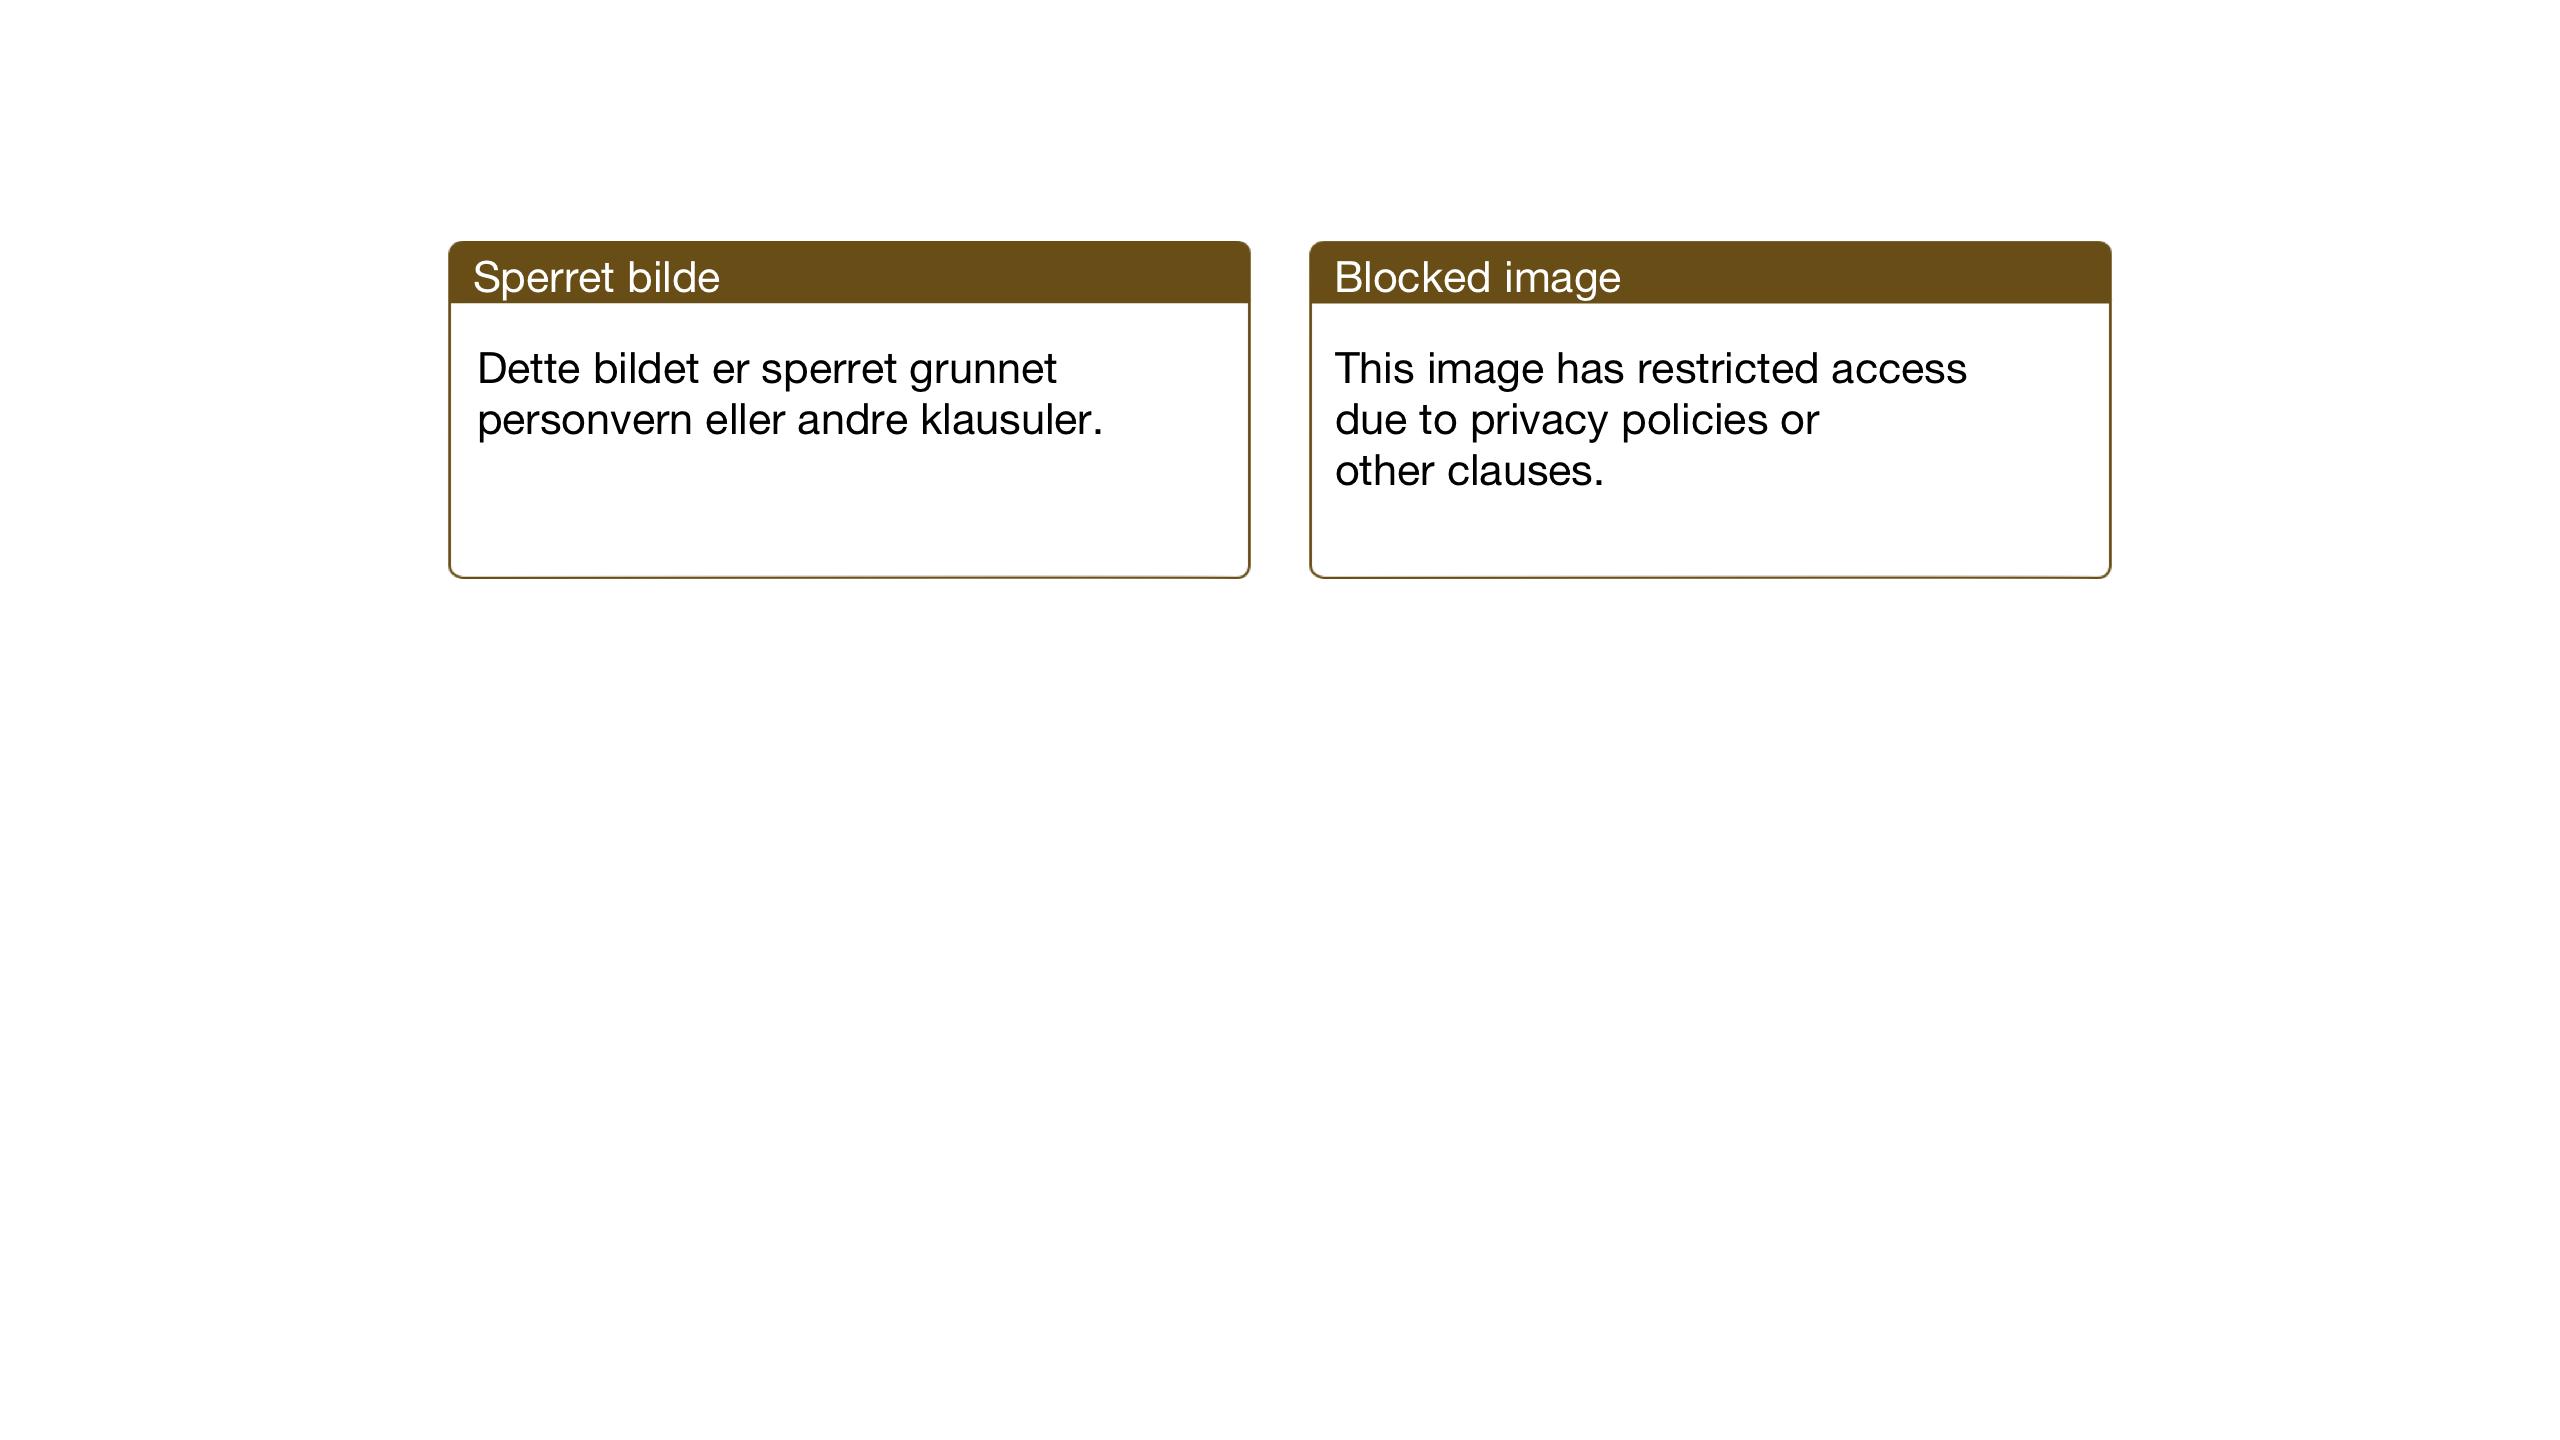 SAT, Ministerialprotokoller, klokkerbøker og fødselsregistre - Sør-Trøndelag, 682/L0947: Klokkerbok nr. 682C01, 1926-1968, s. 93